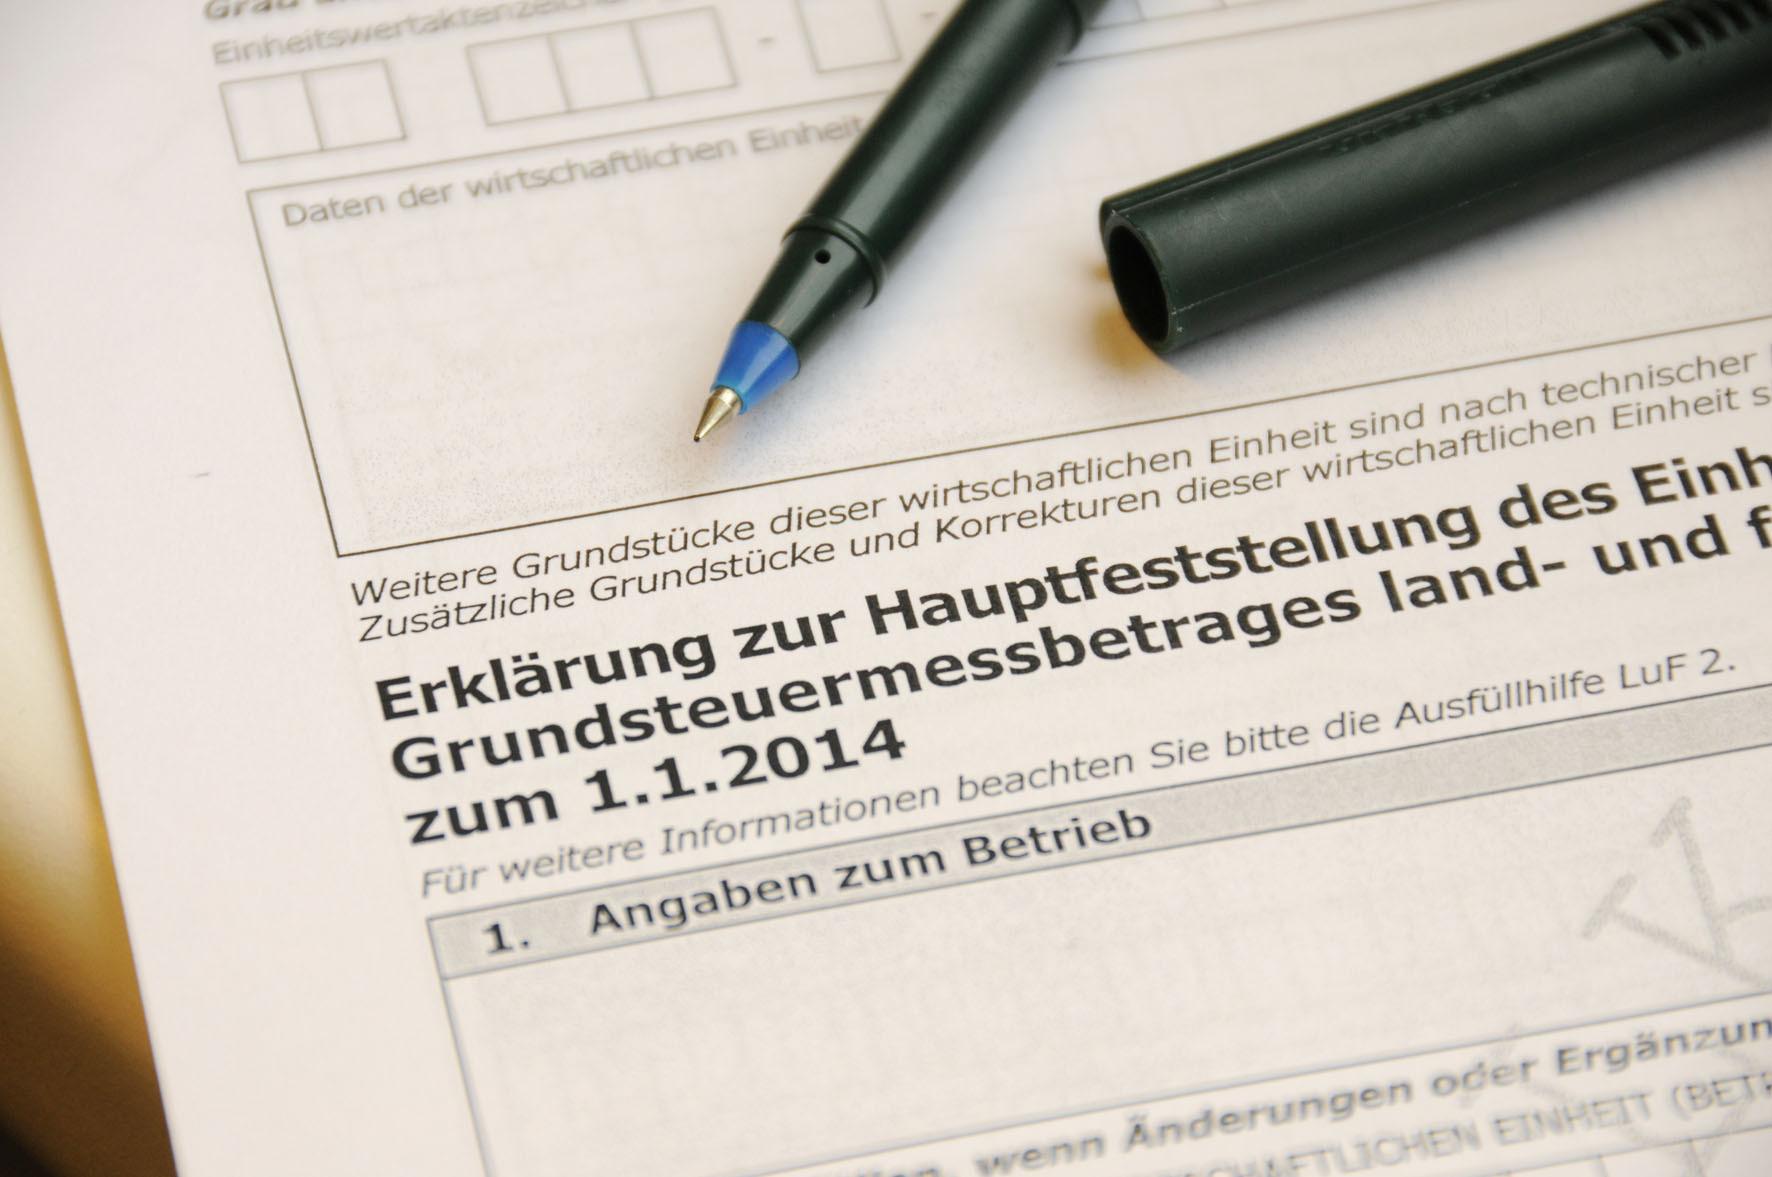 Relativ Neue Einheitswertsbewertung / Hauptfeststellung zum 1.1.2014 OW24